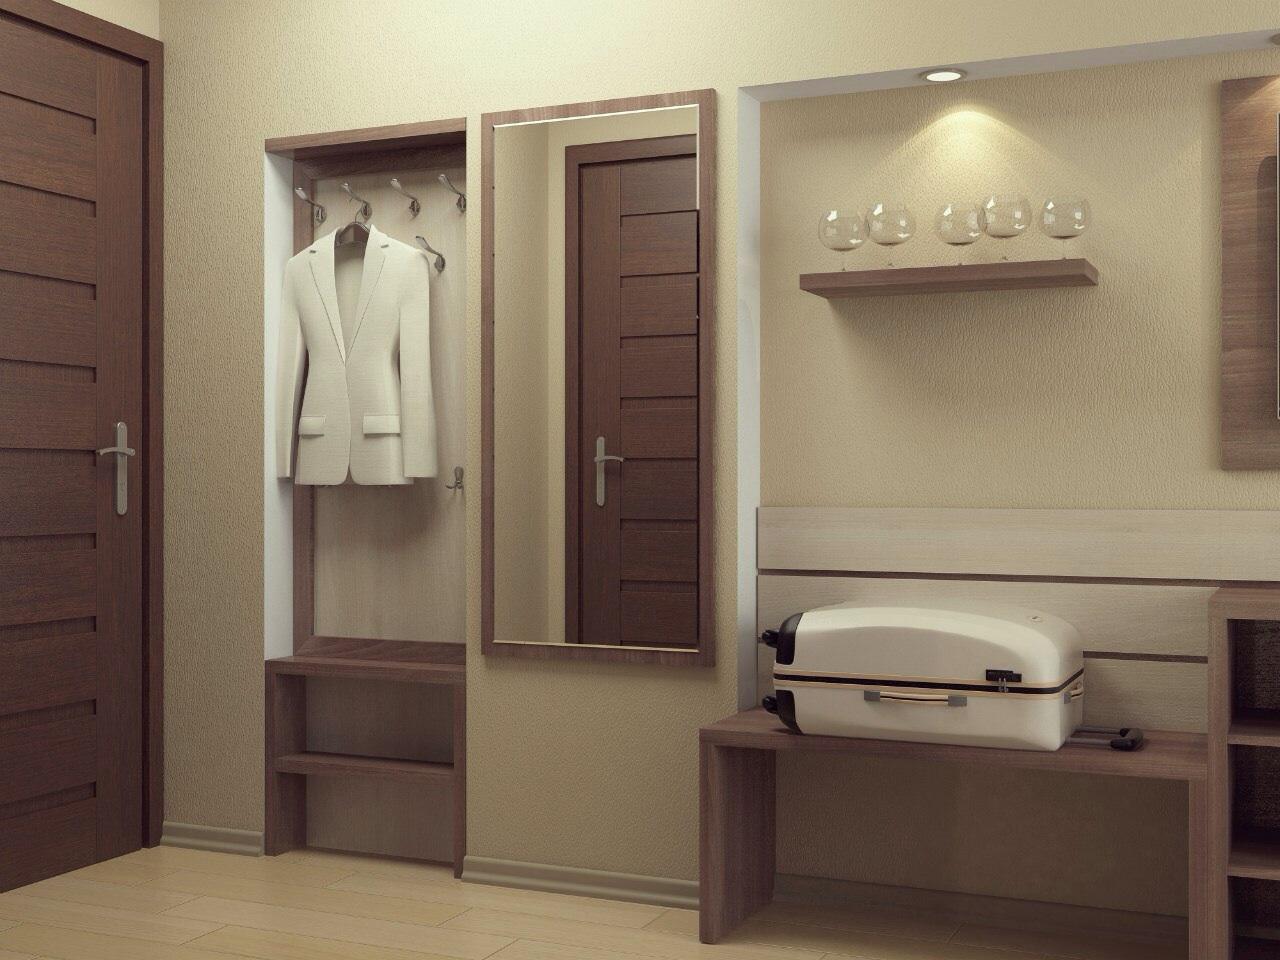 Прихожая_4 лдсп egger купить мебель в коридор на заказ по до.